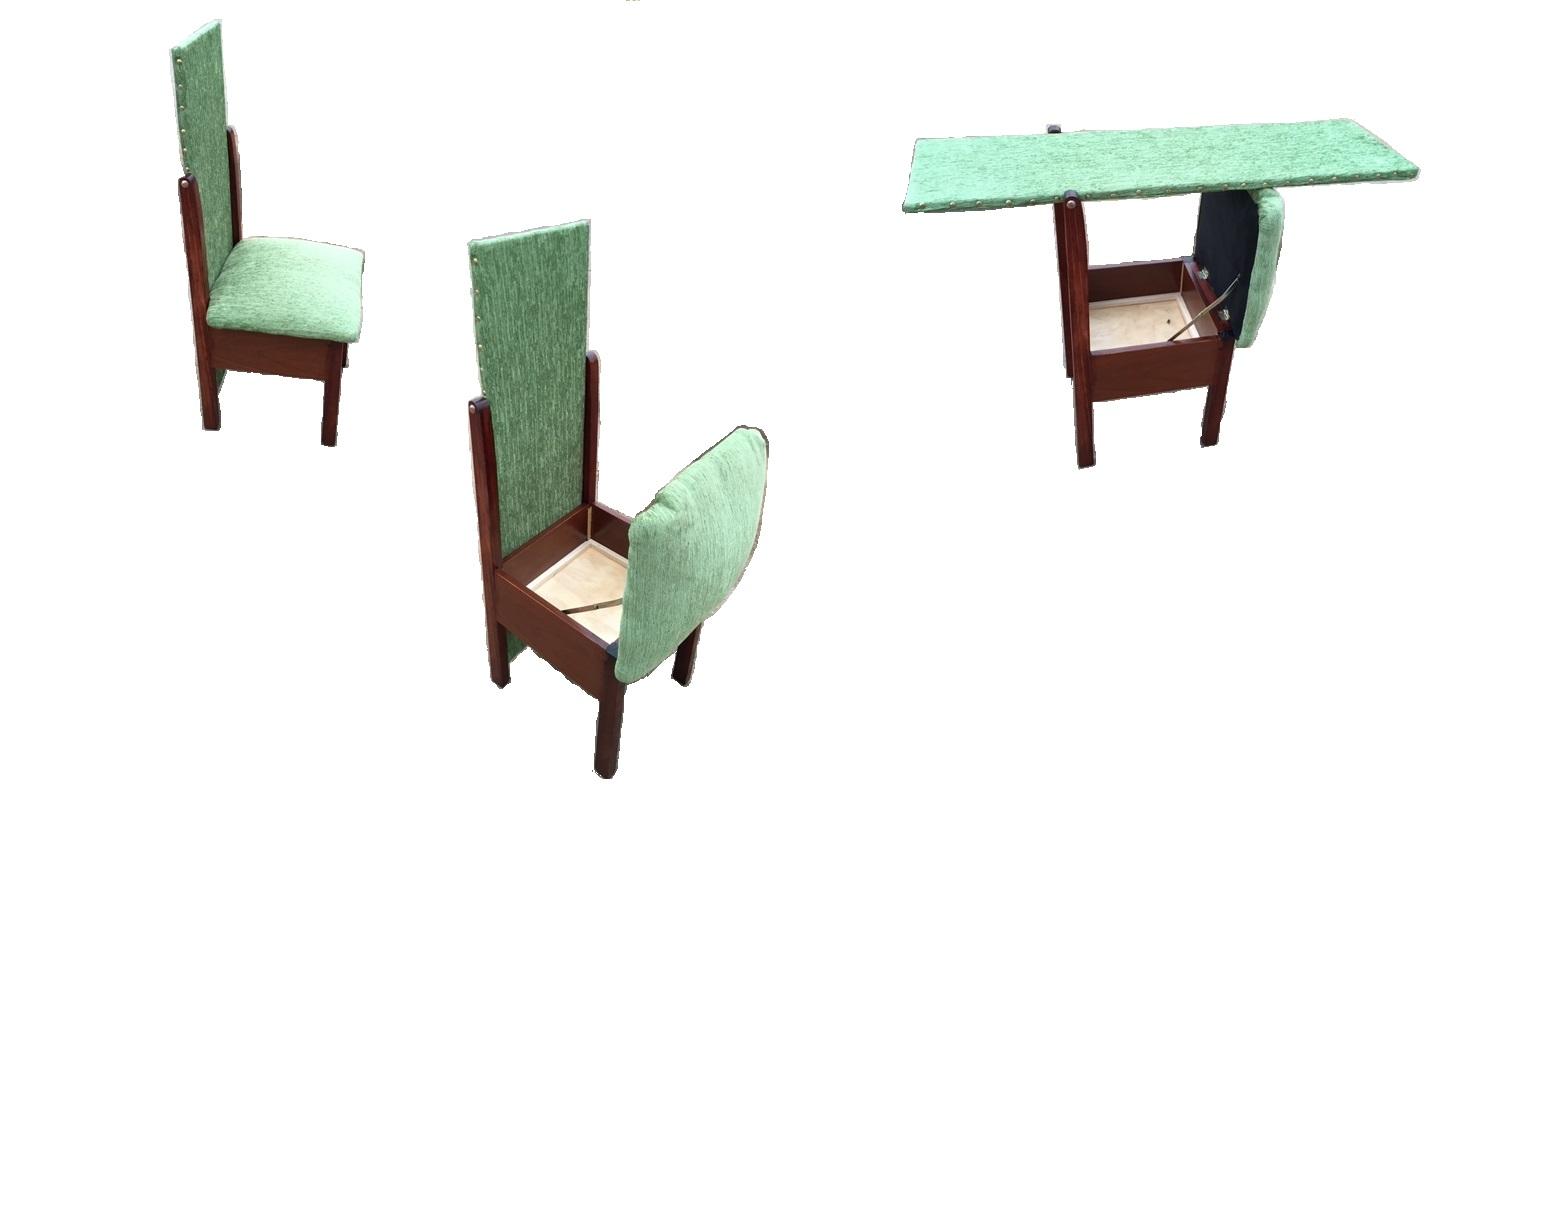 Paja en el asiento de atras - 2 part 6